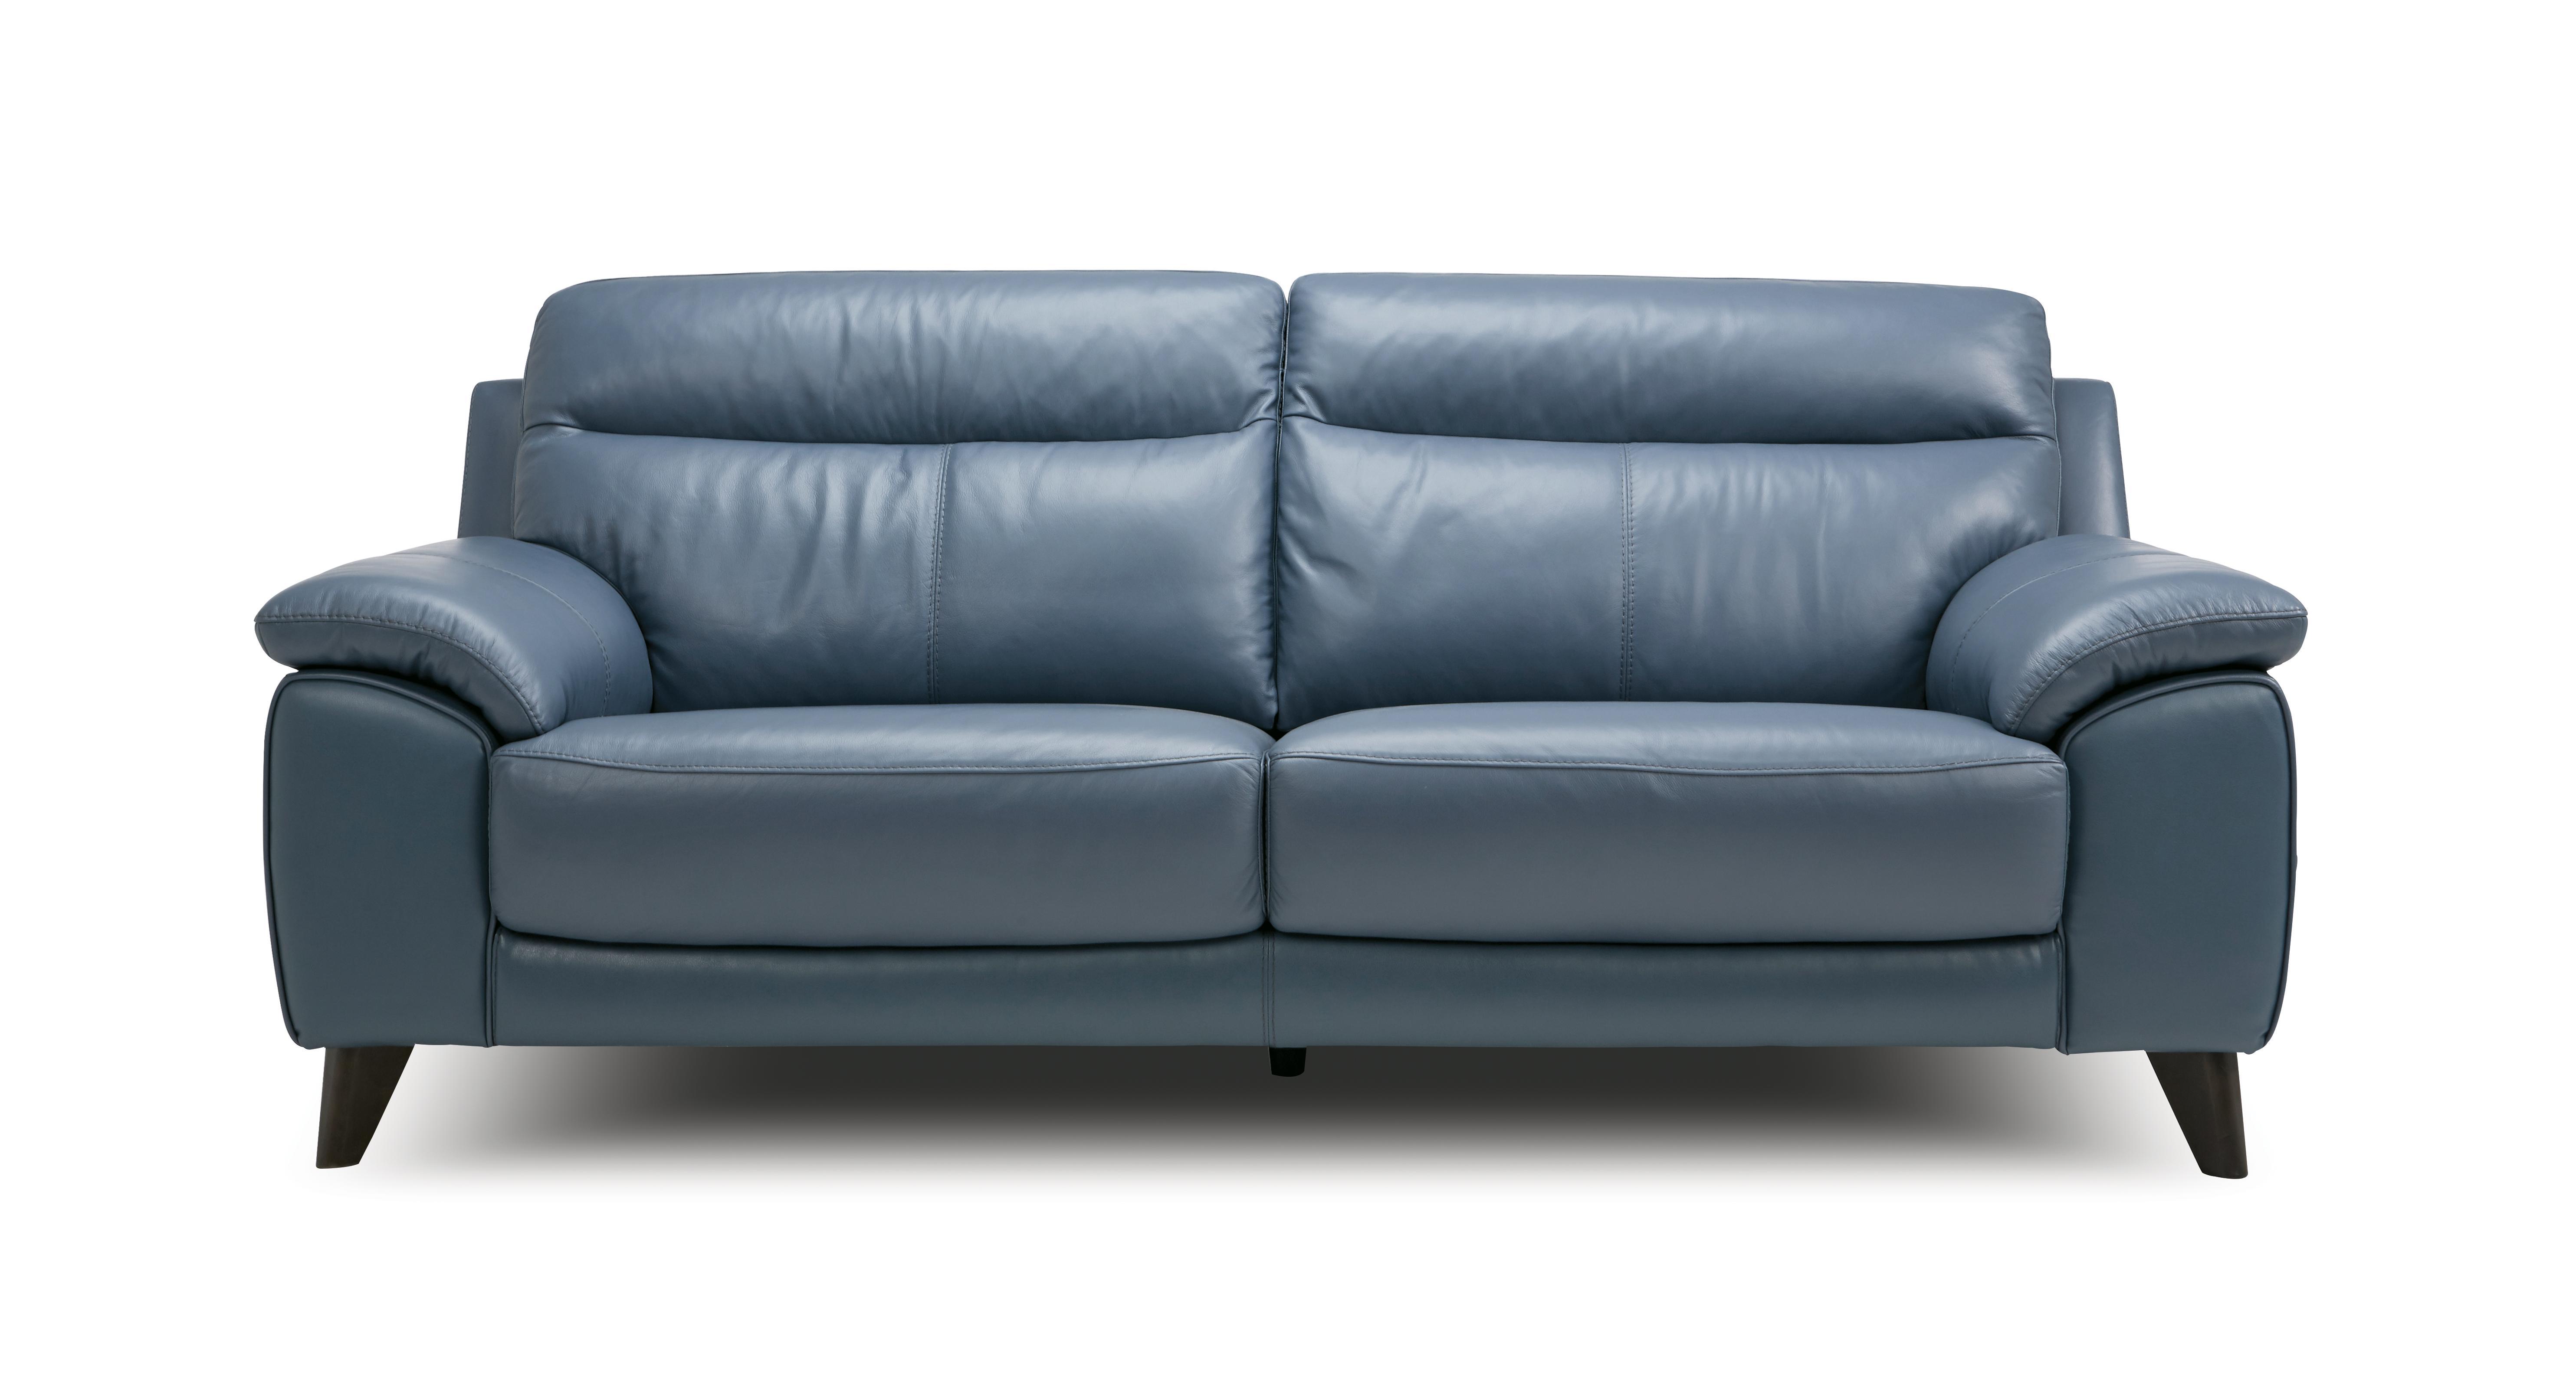 denim sofa uk. Black Bedroom Furniture Sets. Home Design Ideas